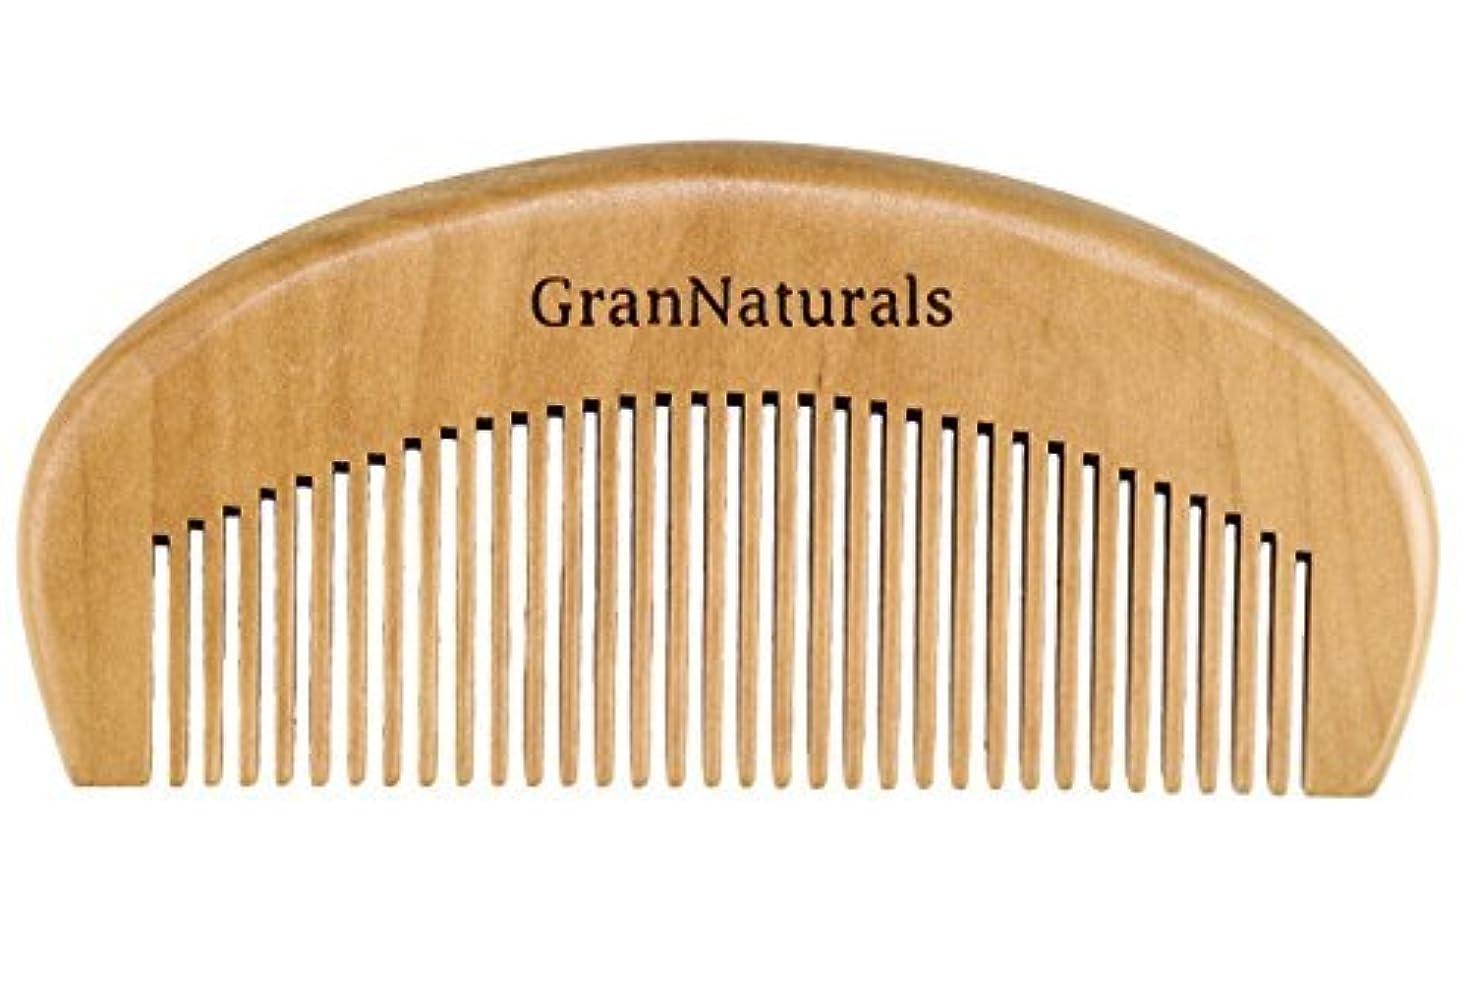 試す不規則なますますGranNaturals Wooden Comb Hair + Beard Detangler for Women and Men - Natural Anti Static Wood for Detangling and...